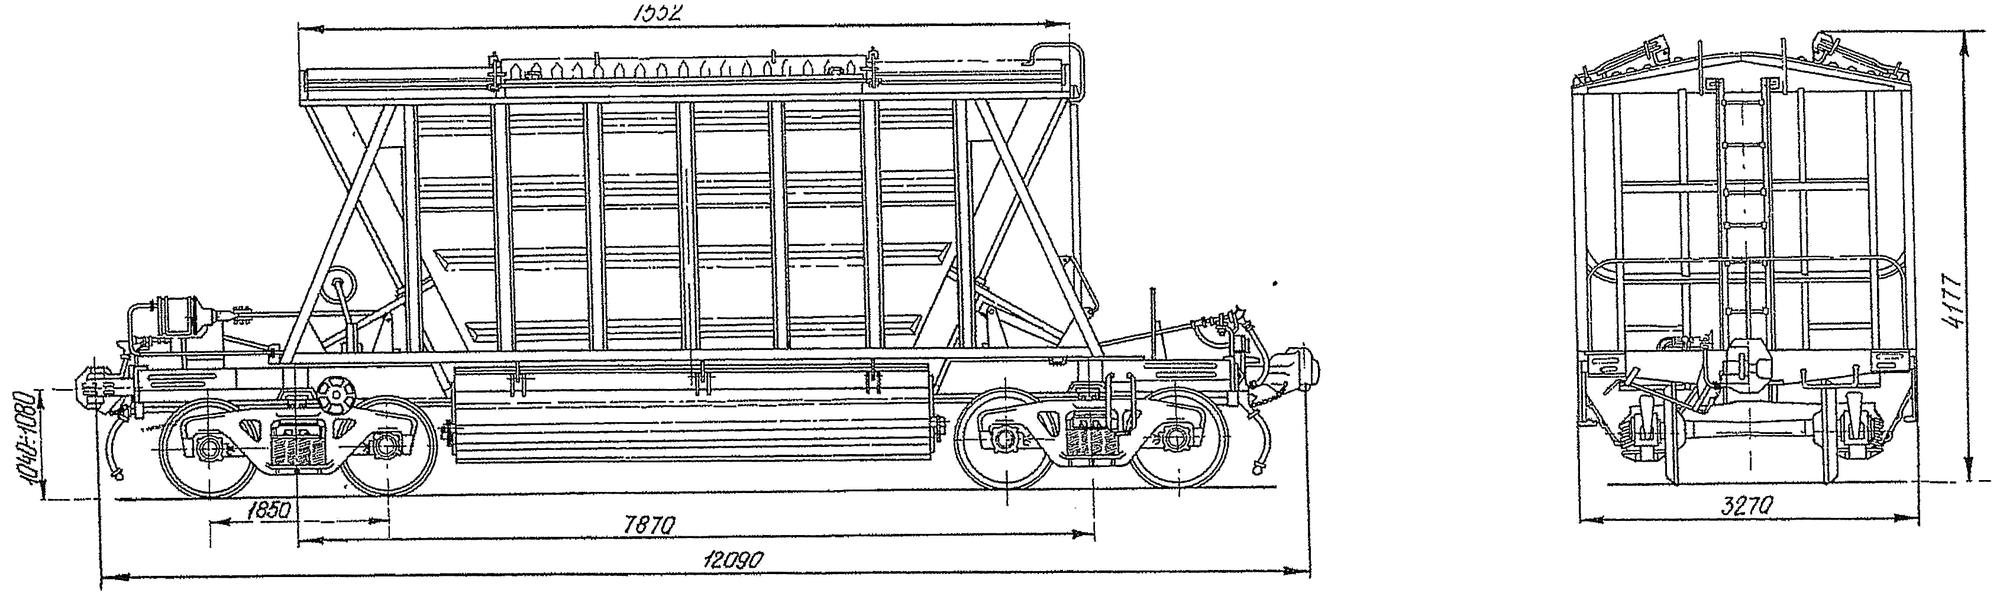 4-осный крытый вагон-хоппер для сырья минеральных удобрений